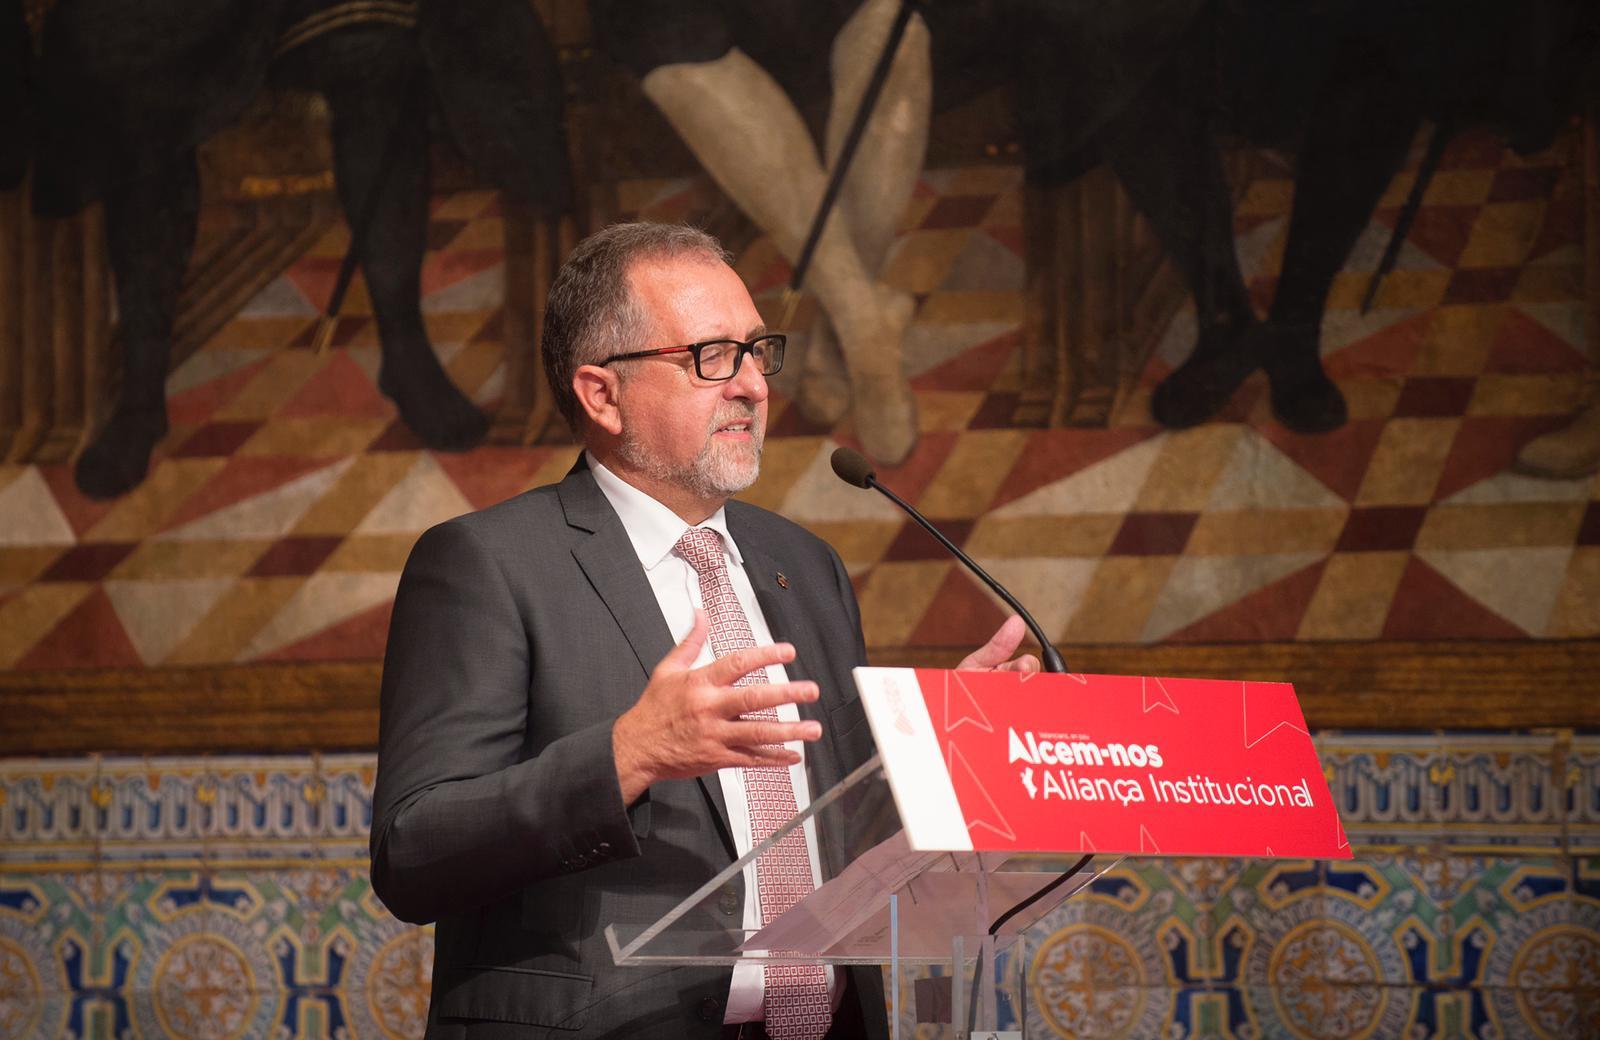 Martí reitera a la oposición su ofrecimiento de consensuar unos presupuestos de 2021 que prioricen la reactivación económica de la provincia